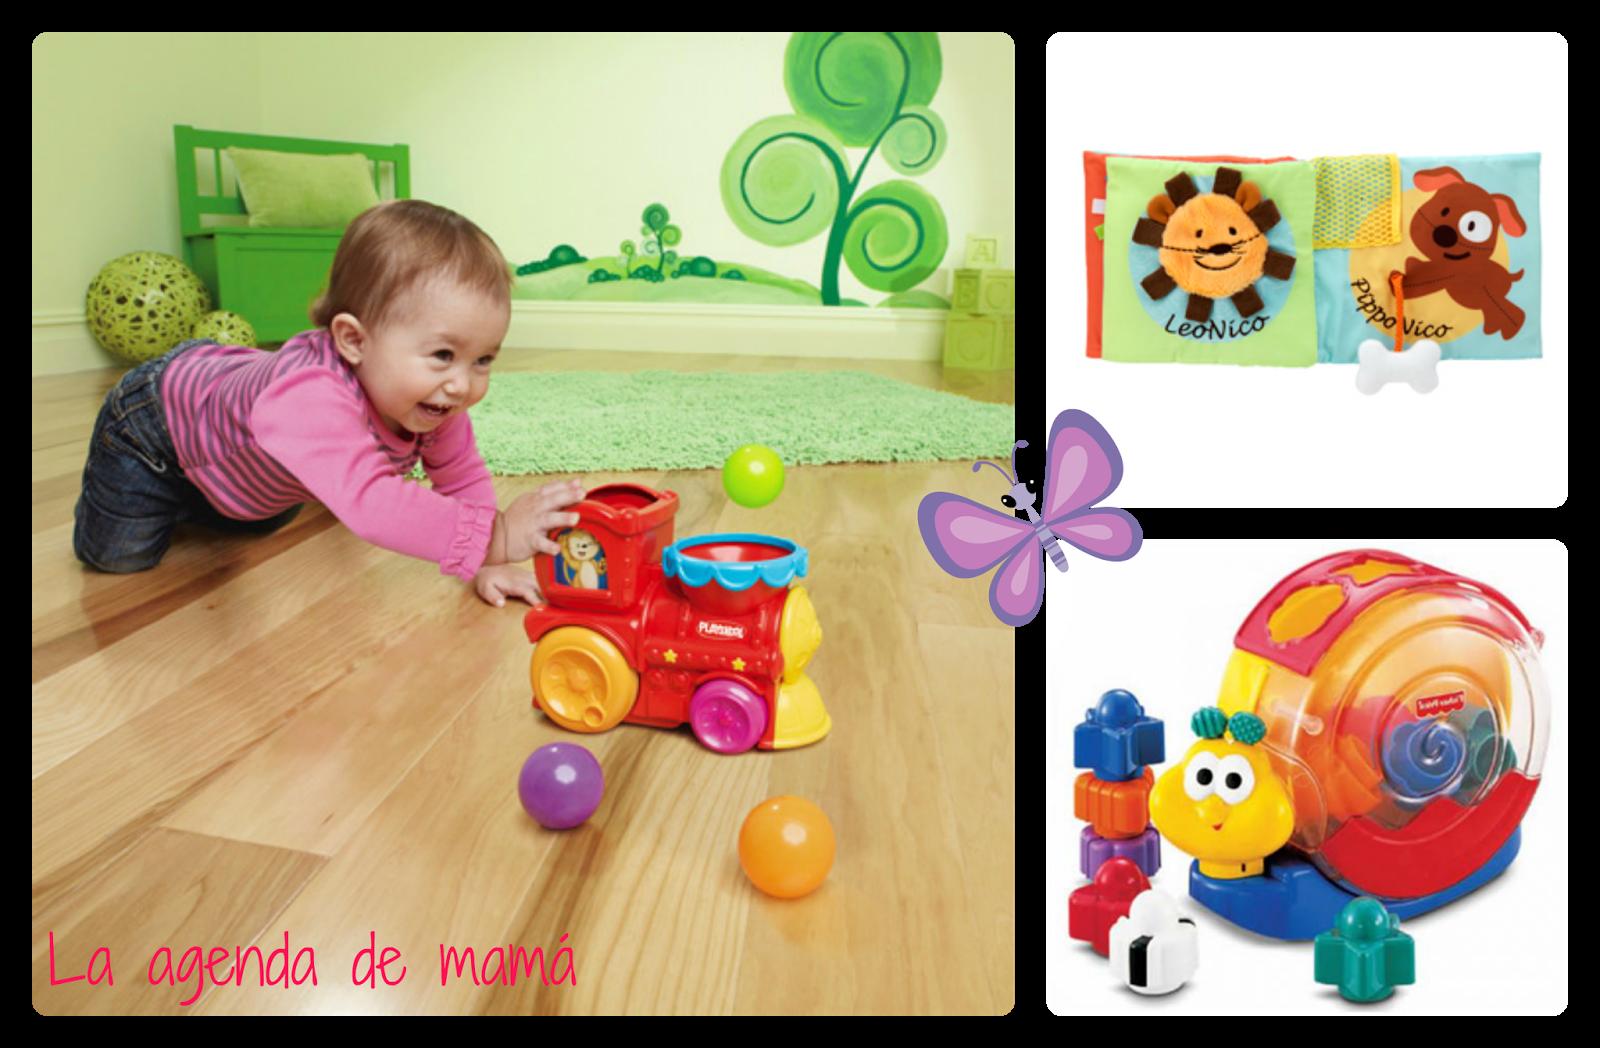 Juguetes para beb s de 6 a 12 meses la agenda de mam blog de embarazo maternidad y familia - Juguetes para bebes de 2 meses ...